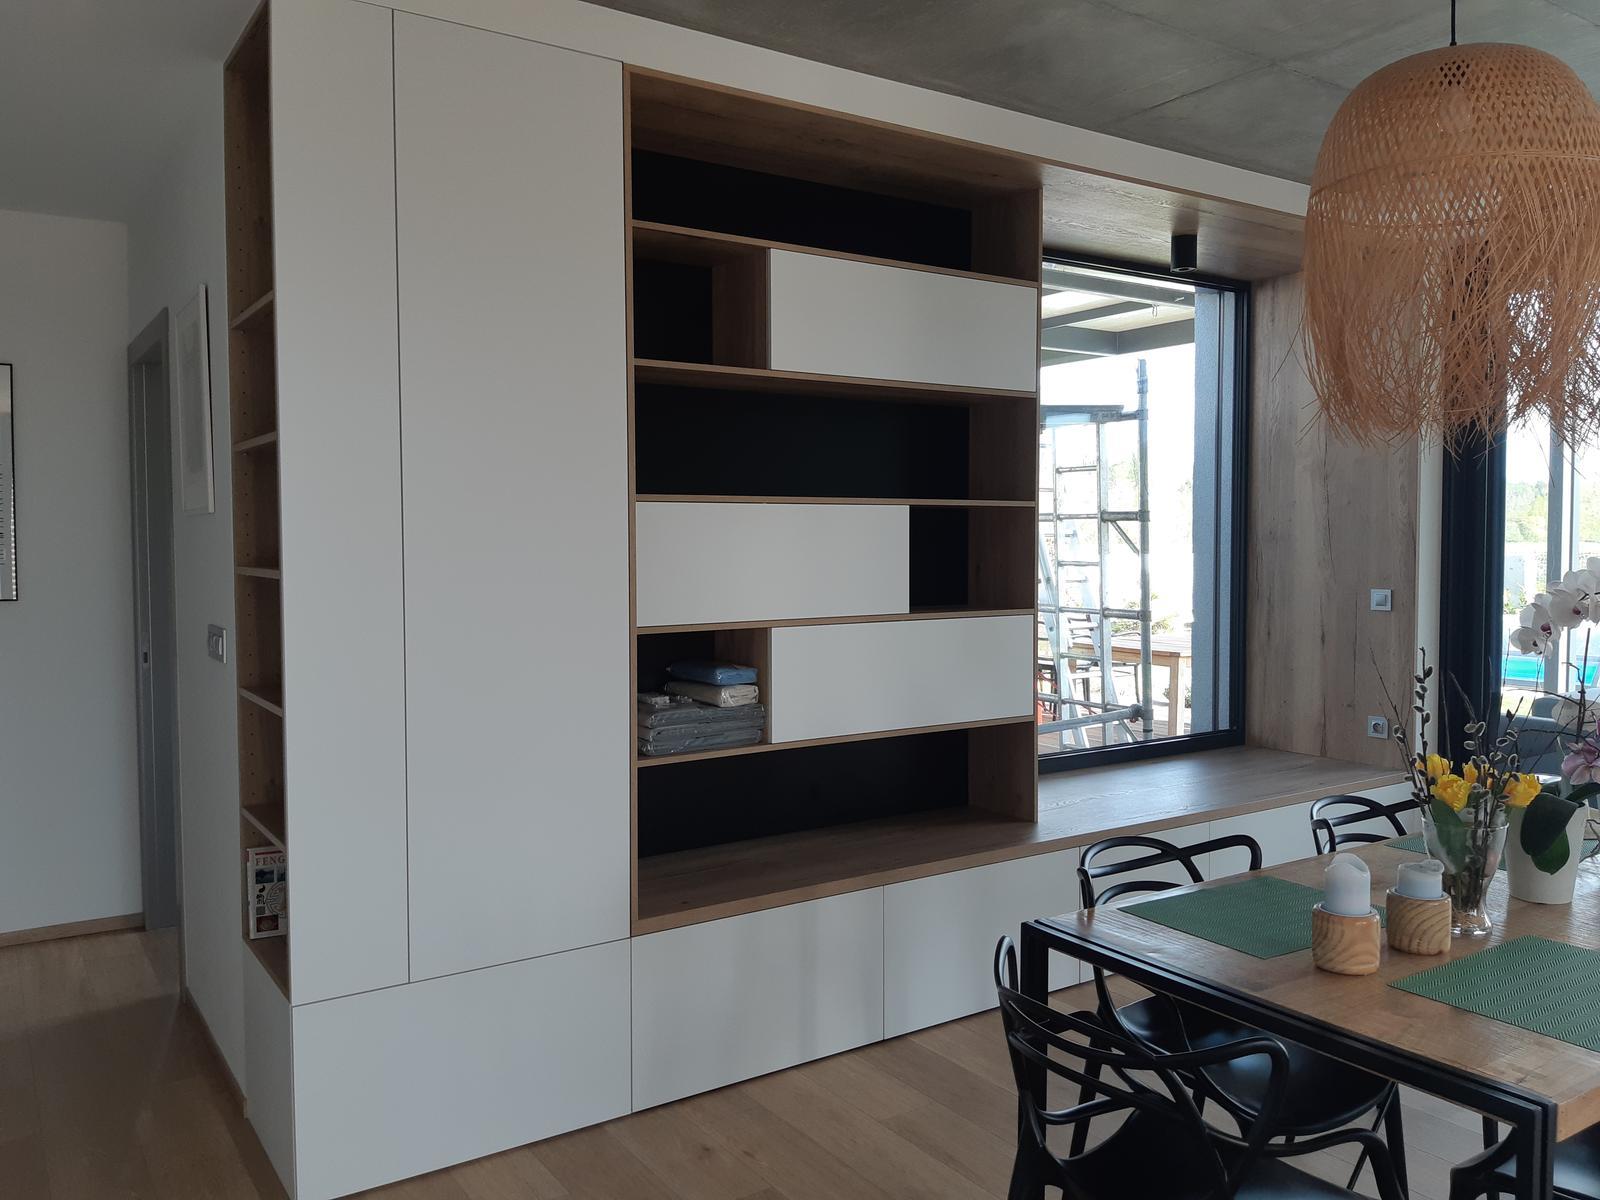 Obývačka- knižnica, sedília a pracovné miesto - Skoro hotovo. Sa tesim az budem pit kavu v okne. Musim zabezpecit nieco pod prdel, lebo to hrozne tlaci. 😎